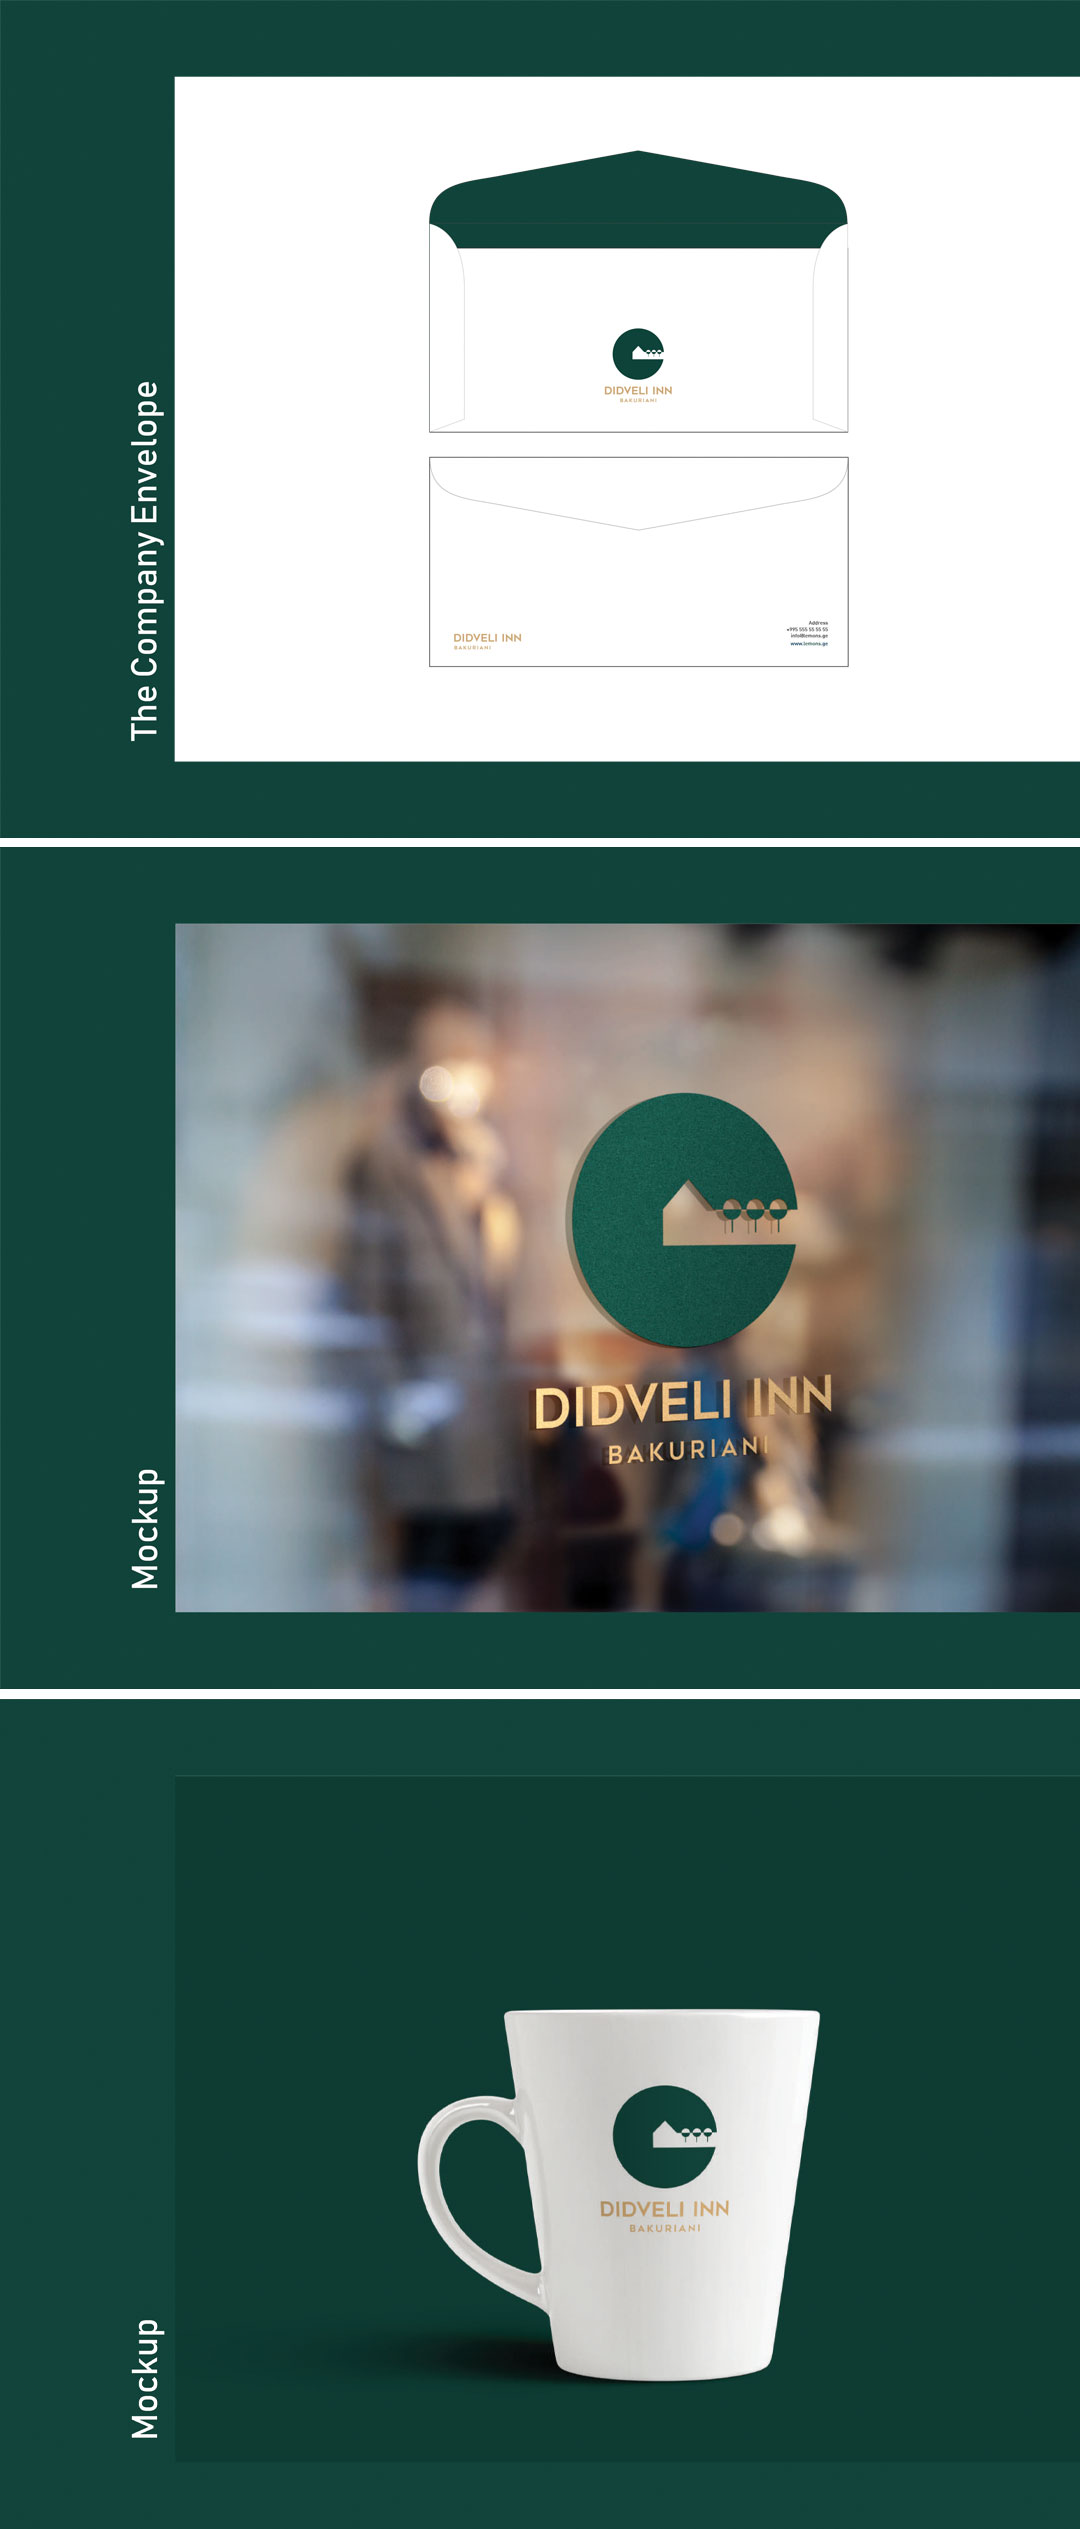 Didveli inn